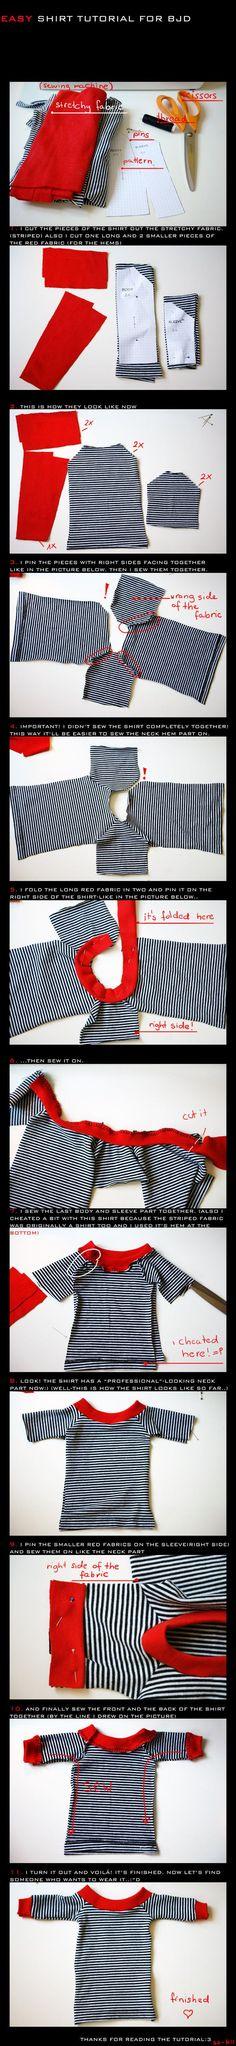 BJD shirt - TUTORIAL by so-fiii.deviantart.com on @deviantART